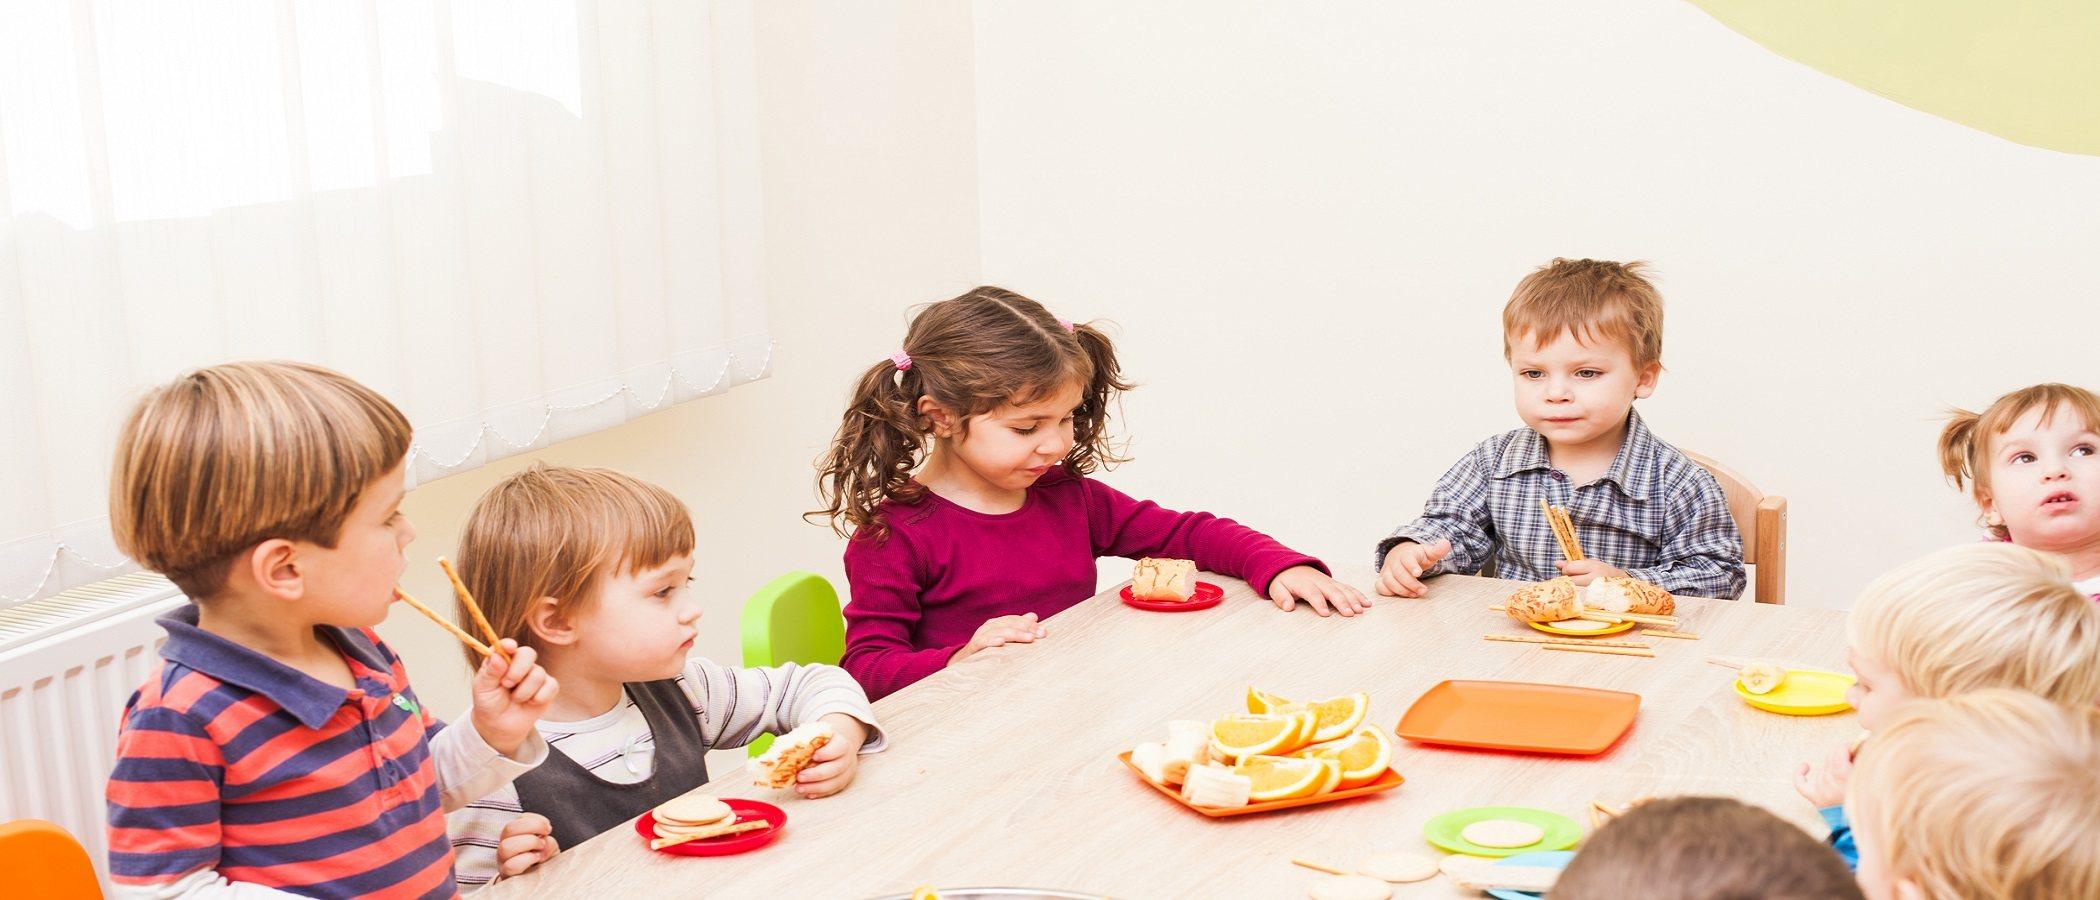 6 ideas para enseñar a tus hijos a ser inclusivos